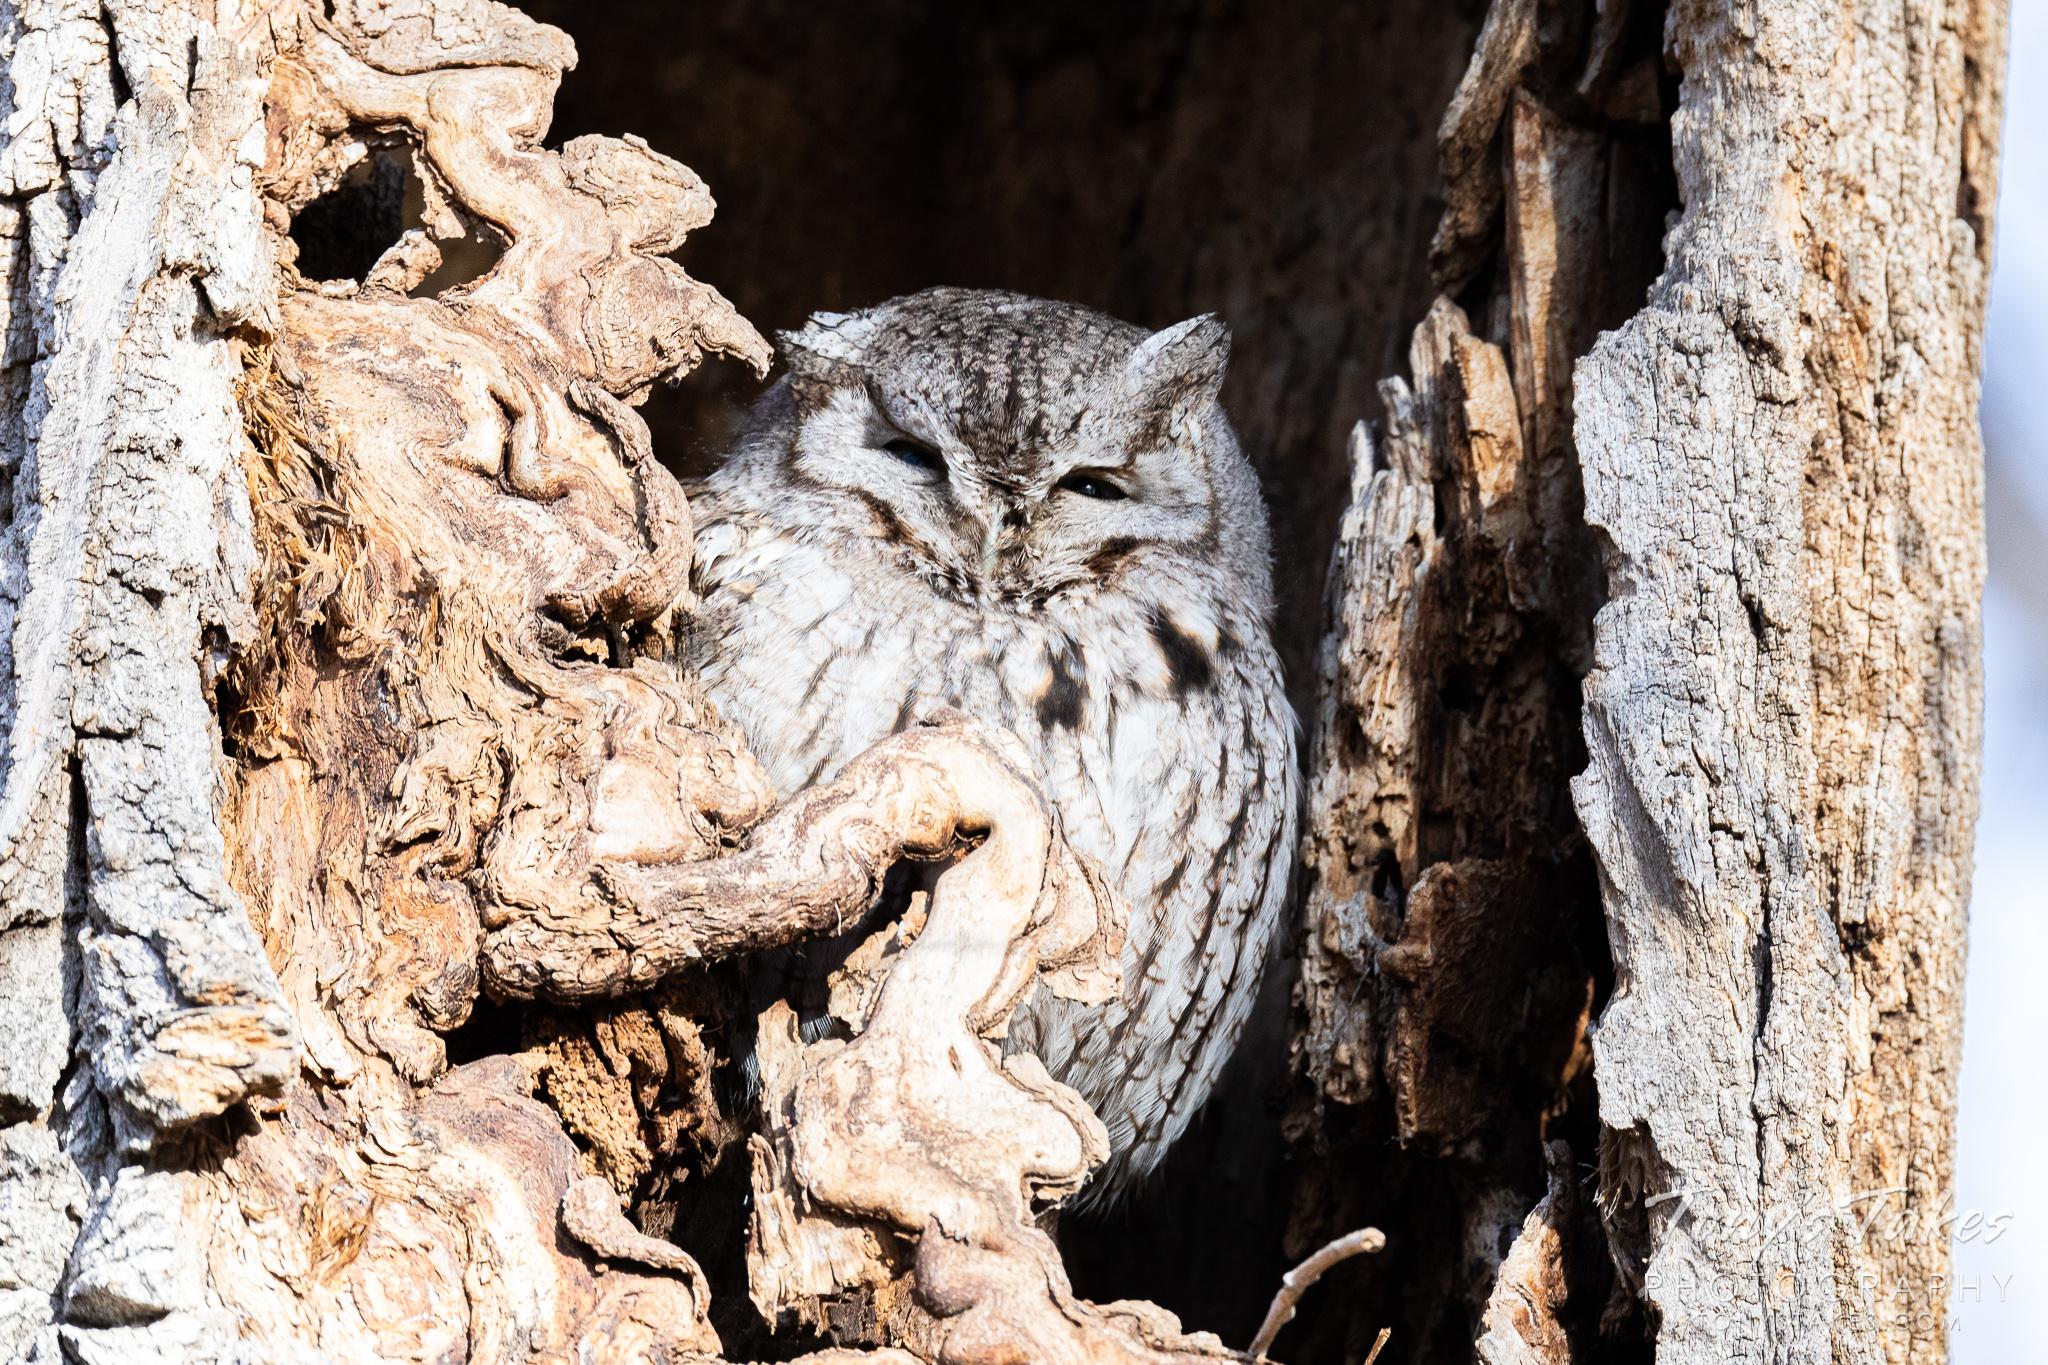 Little screech owl sneaks a peek